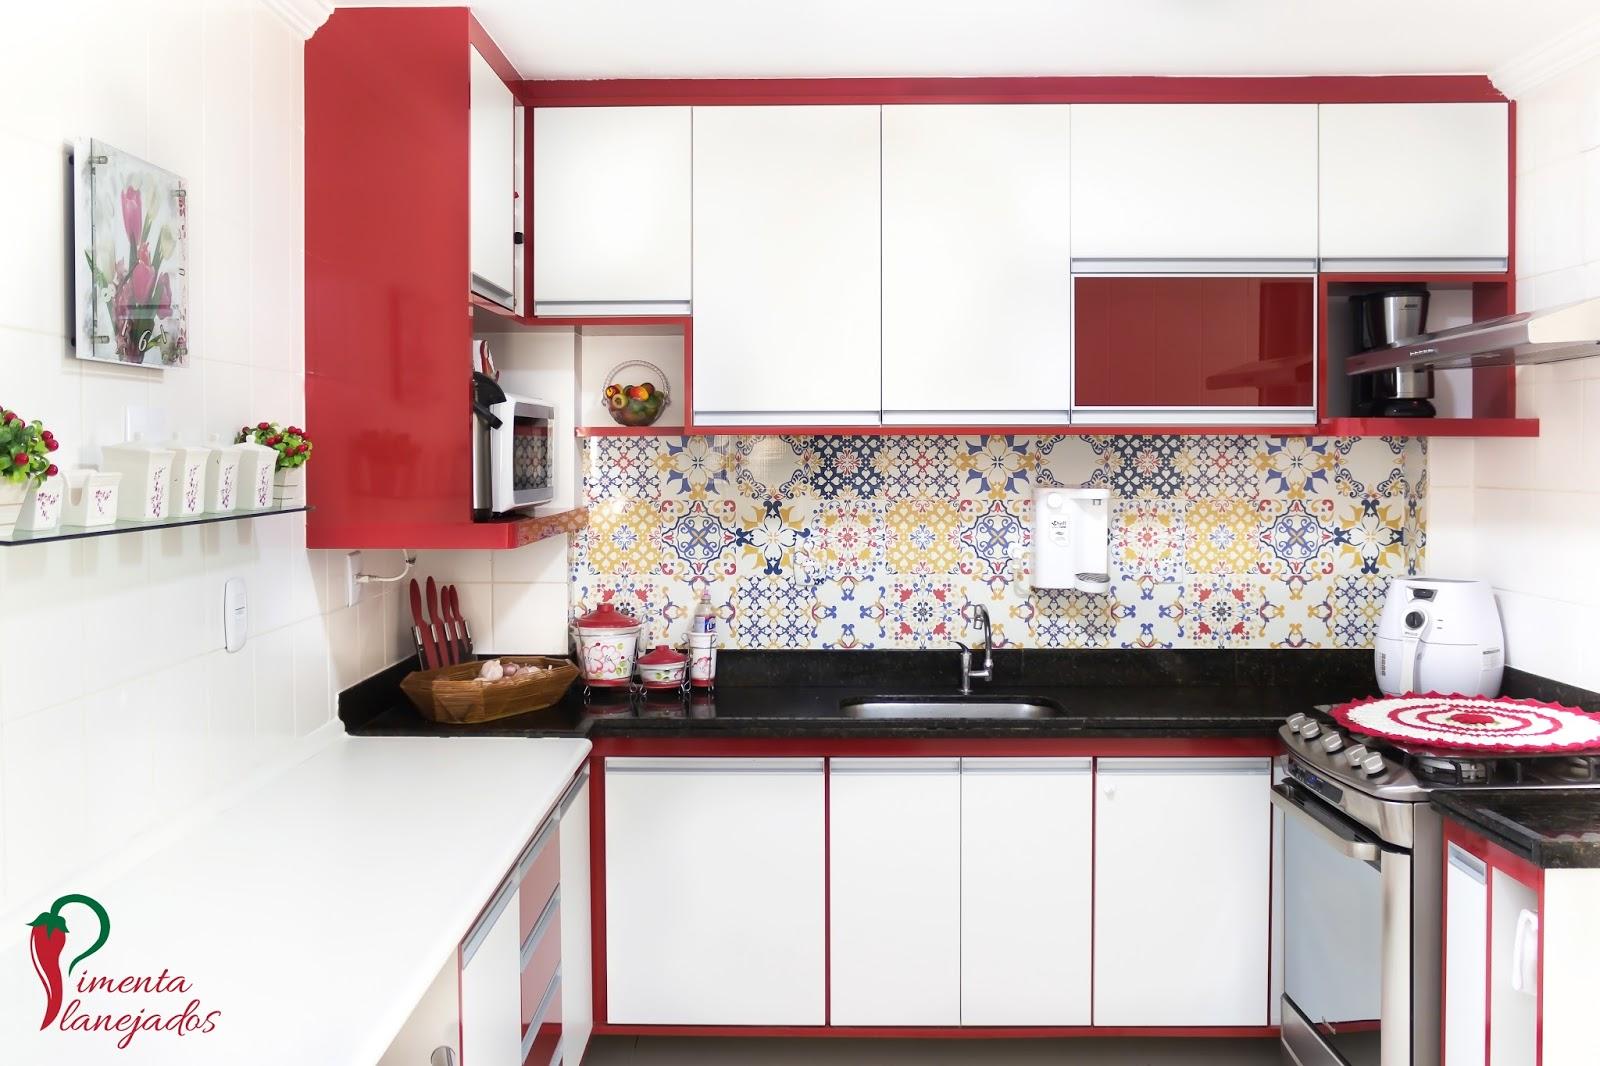 Cores Cozinha Planejada O With Cores Cozinha Planejada Cozinha